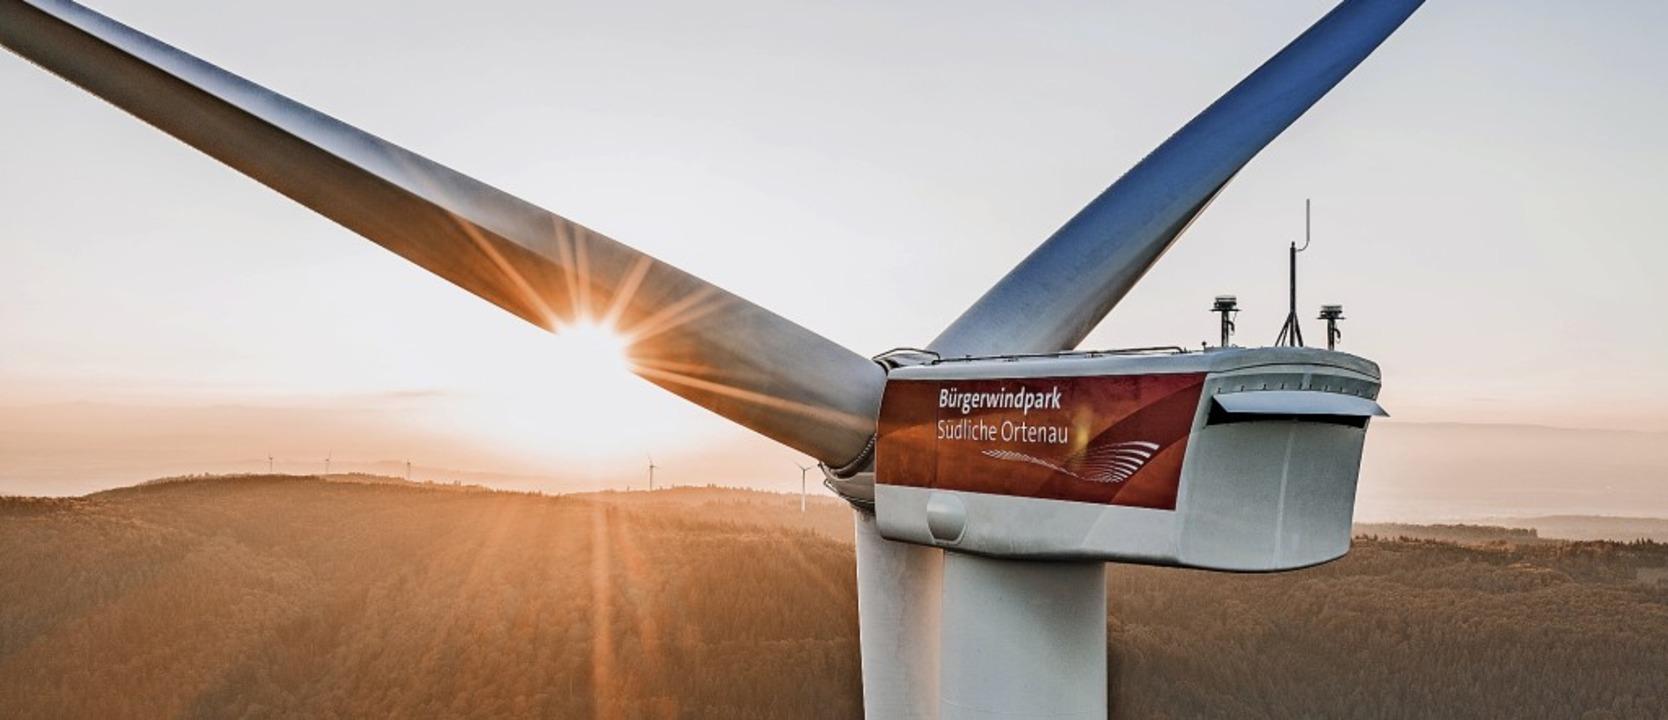 In der Ortenau drehen sich die Rotoren...ie Windkraftnutzung in den Gemeinden.     Foto: Joscha Bold